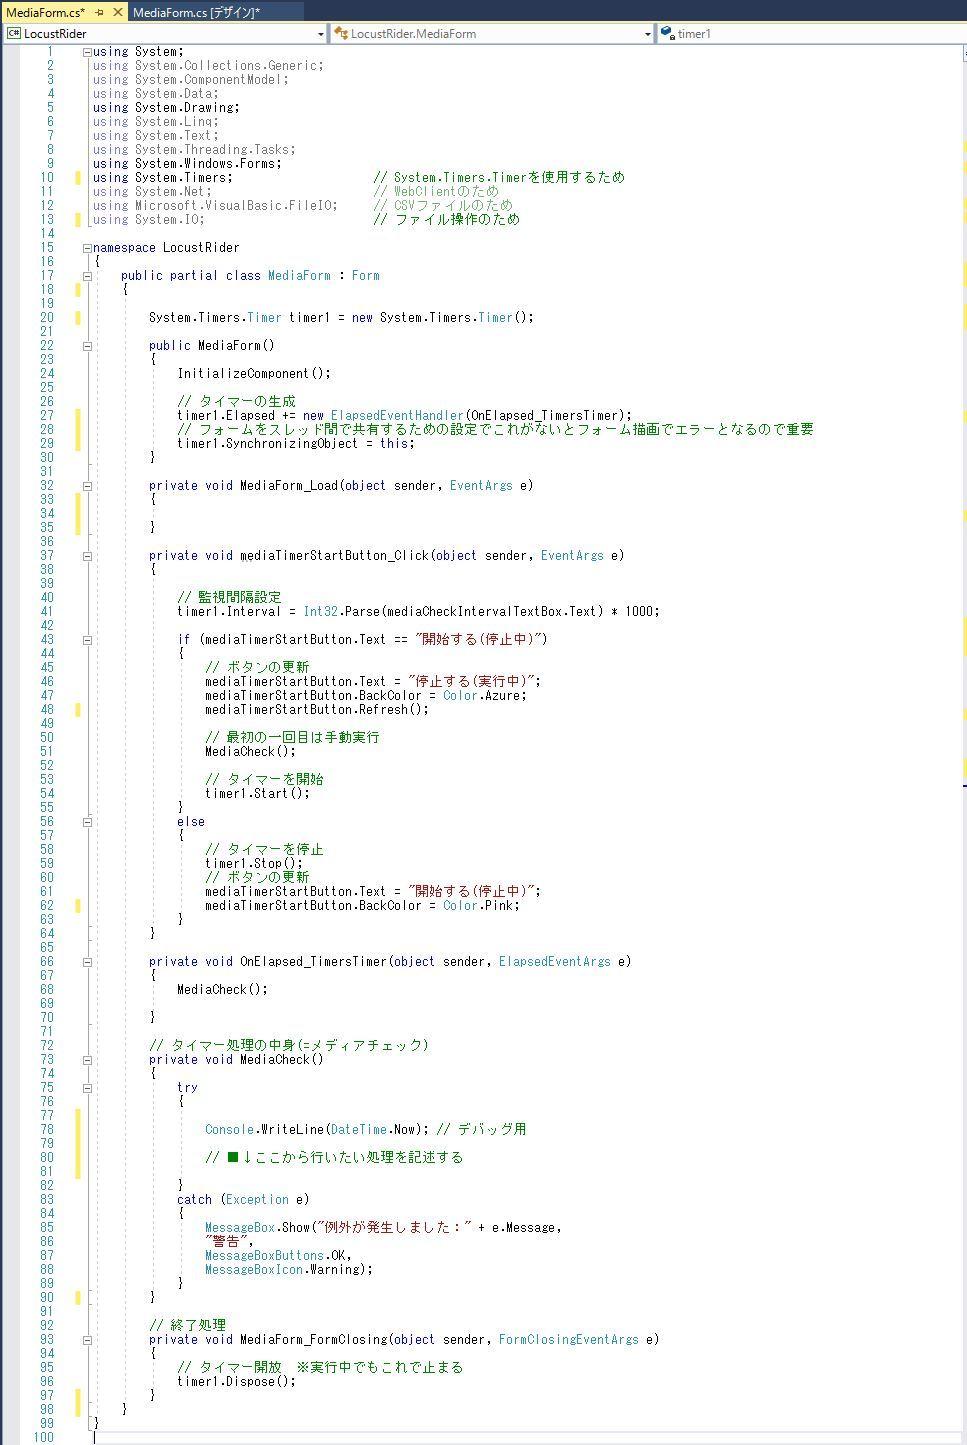 20200706タイマー大枠コード例